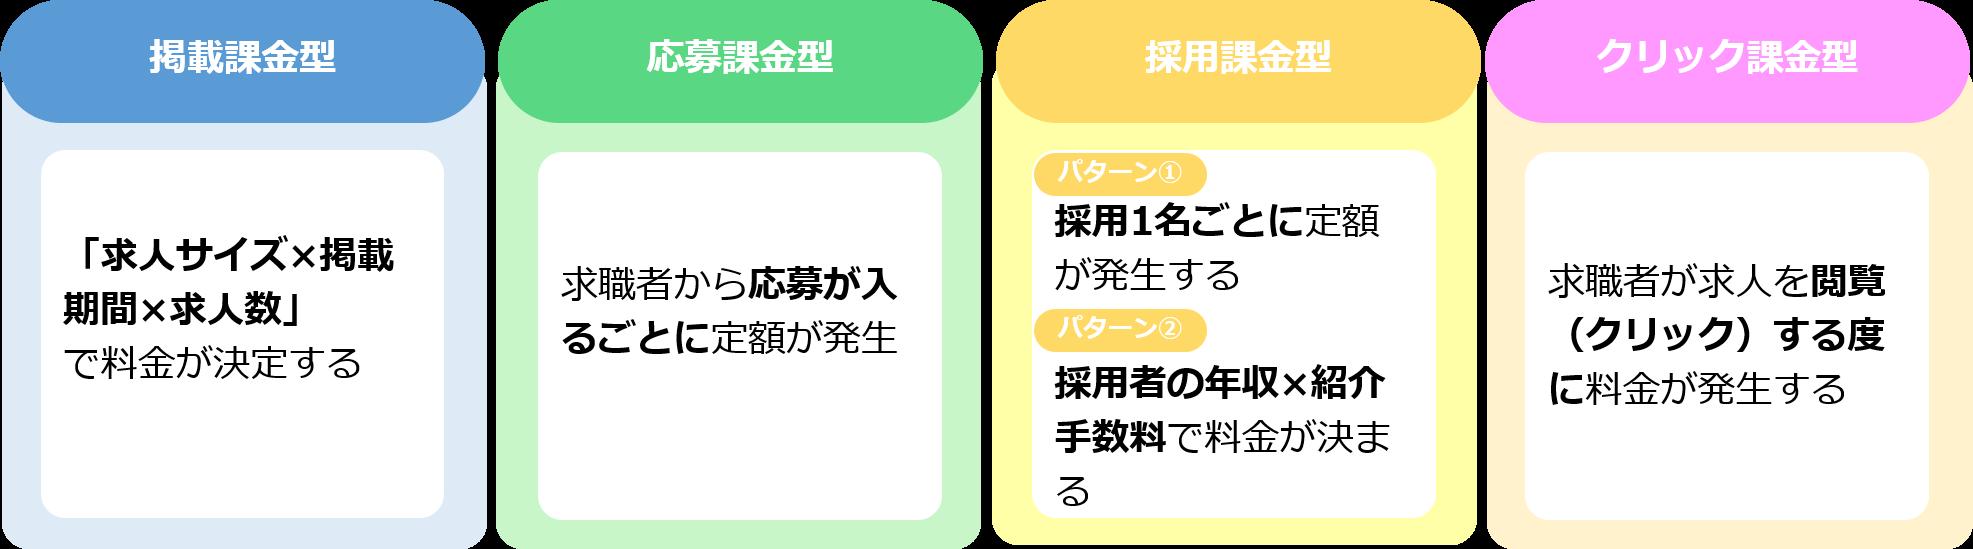 求人広告の料金システムには「応募課金型」「採用課金型」「掲載課金型」「クリック課金型」の4つがある